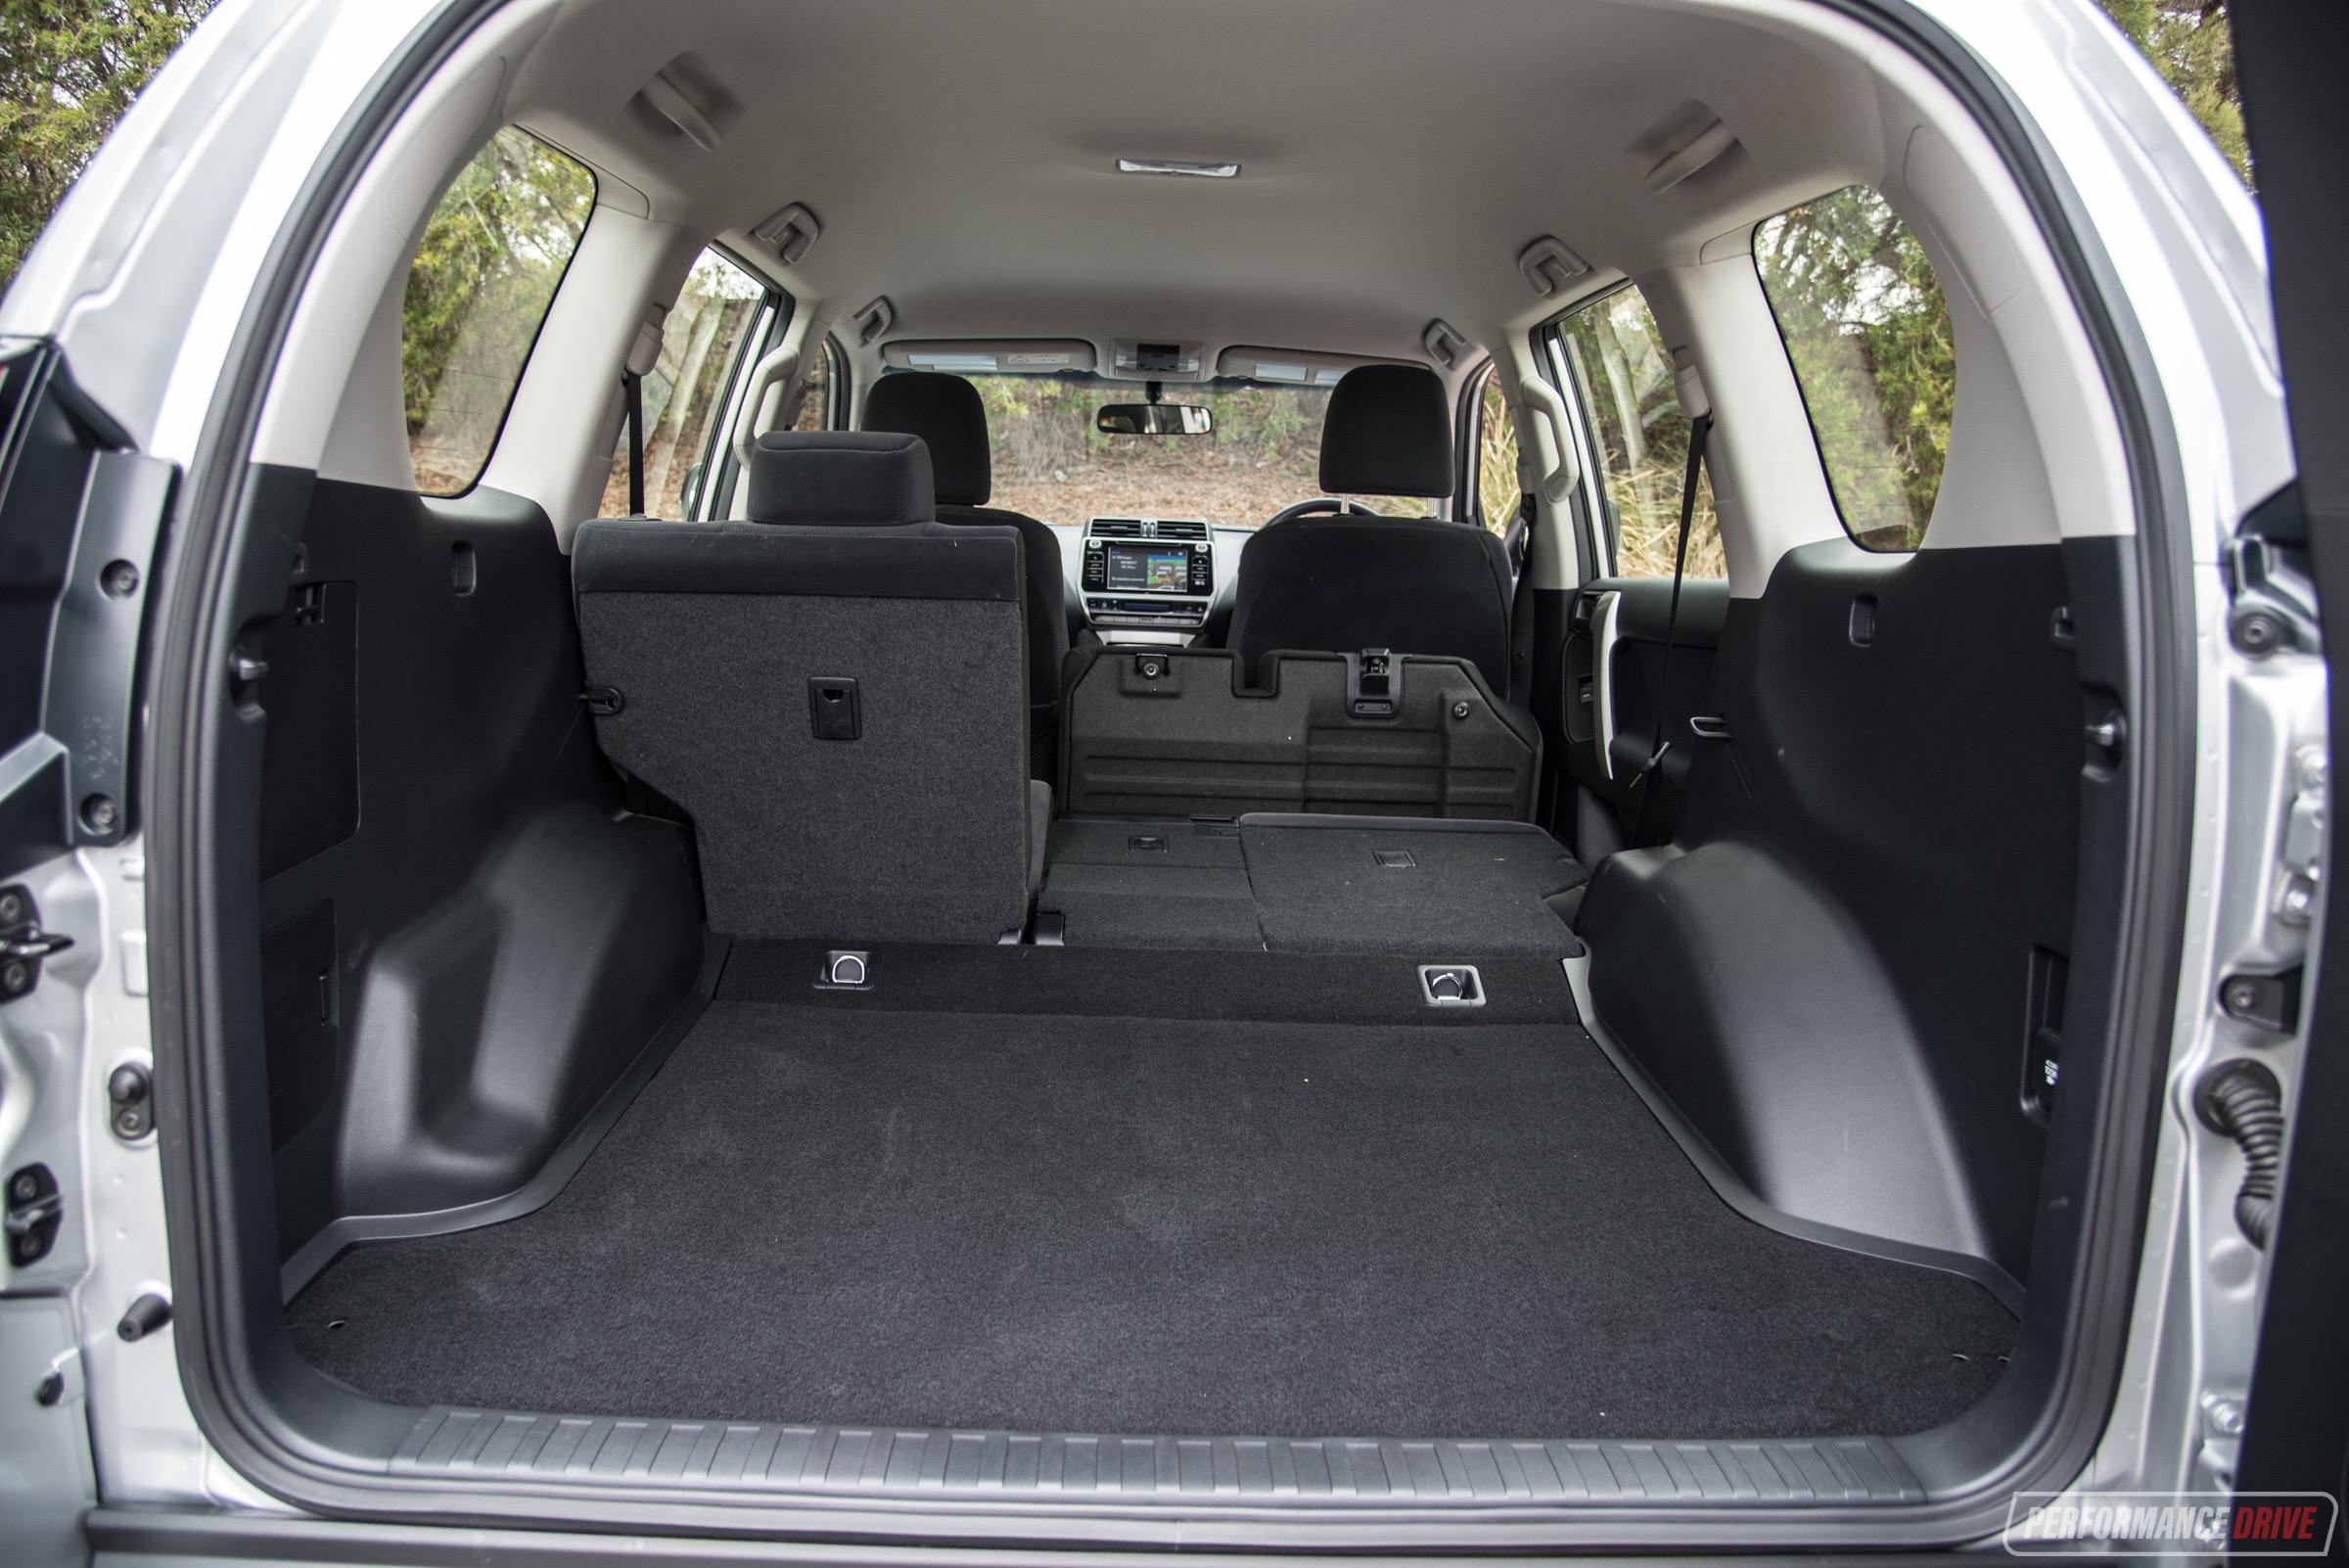 2018 Toyota Prado-cargo Space